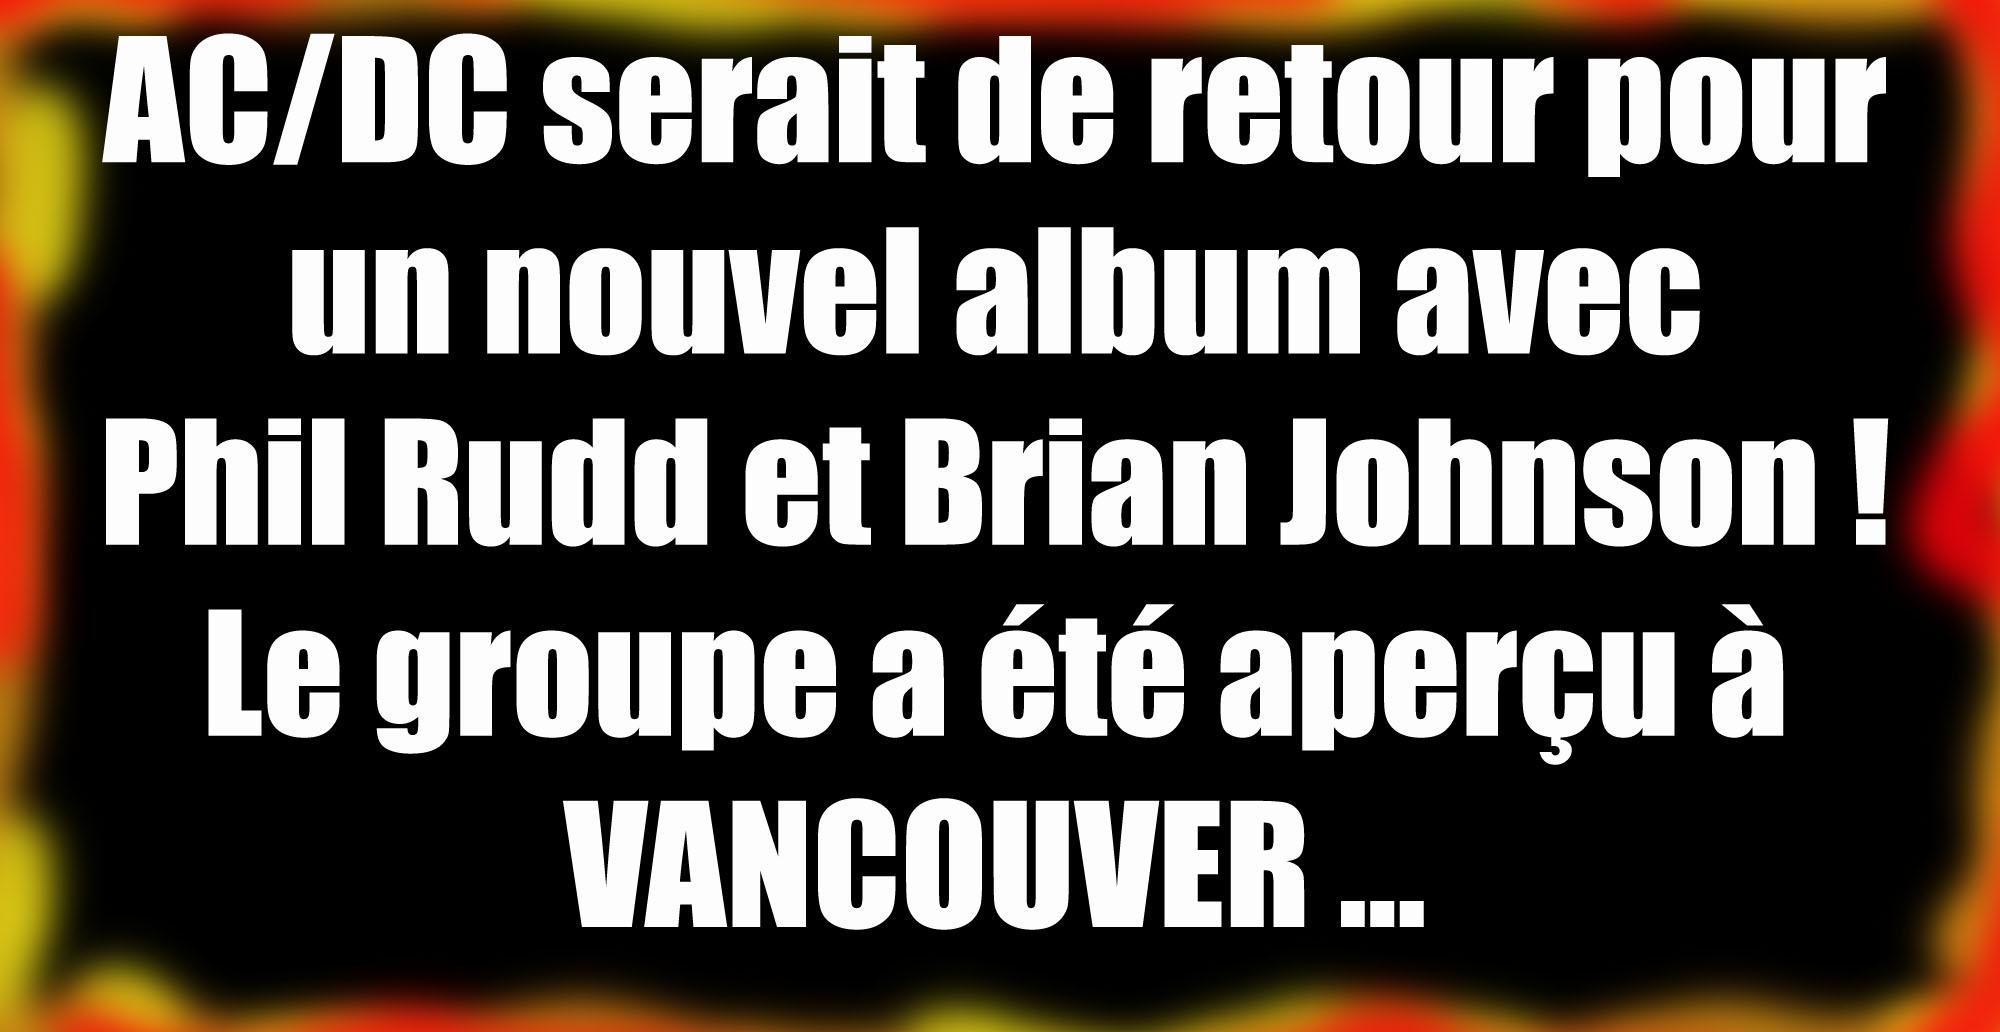 AC/DC enregistrerai un nouvel album à Vancouver ... Sans_152